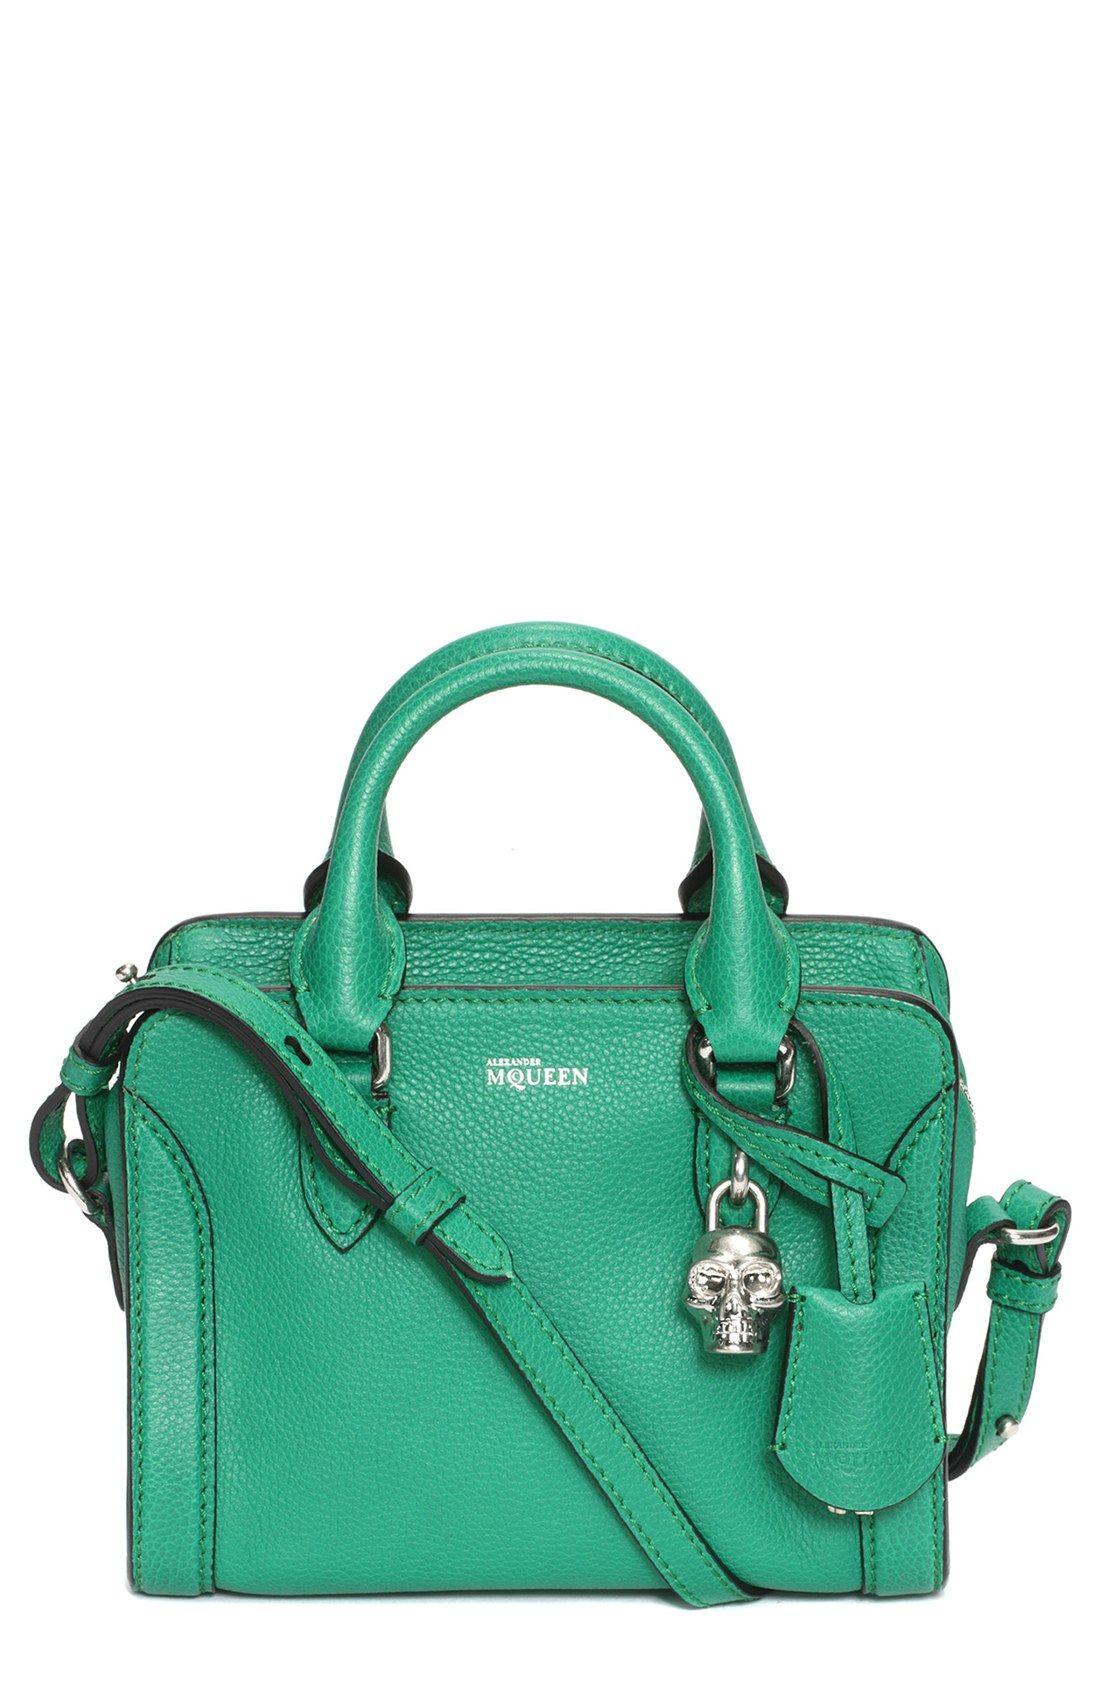 Chic emerald green Alexander McQueen duffel bag with a